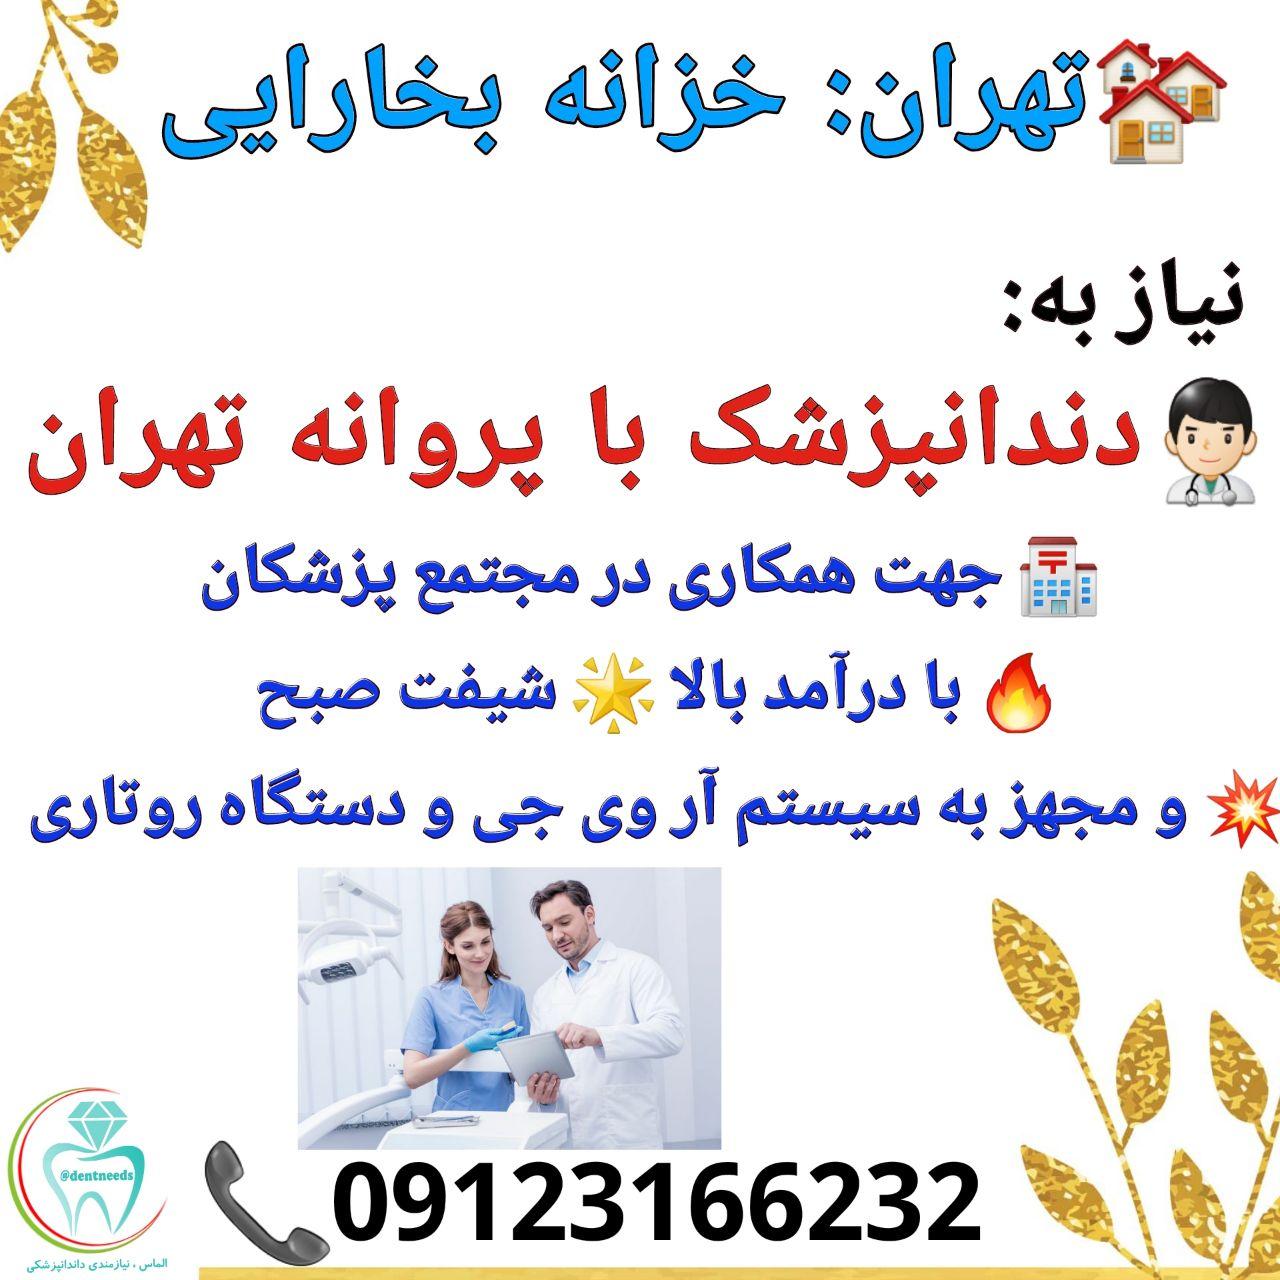 تهران: خزانه بخارایی، نیاز به دندانپزشک با پروانه تهران